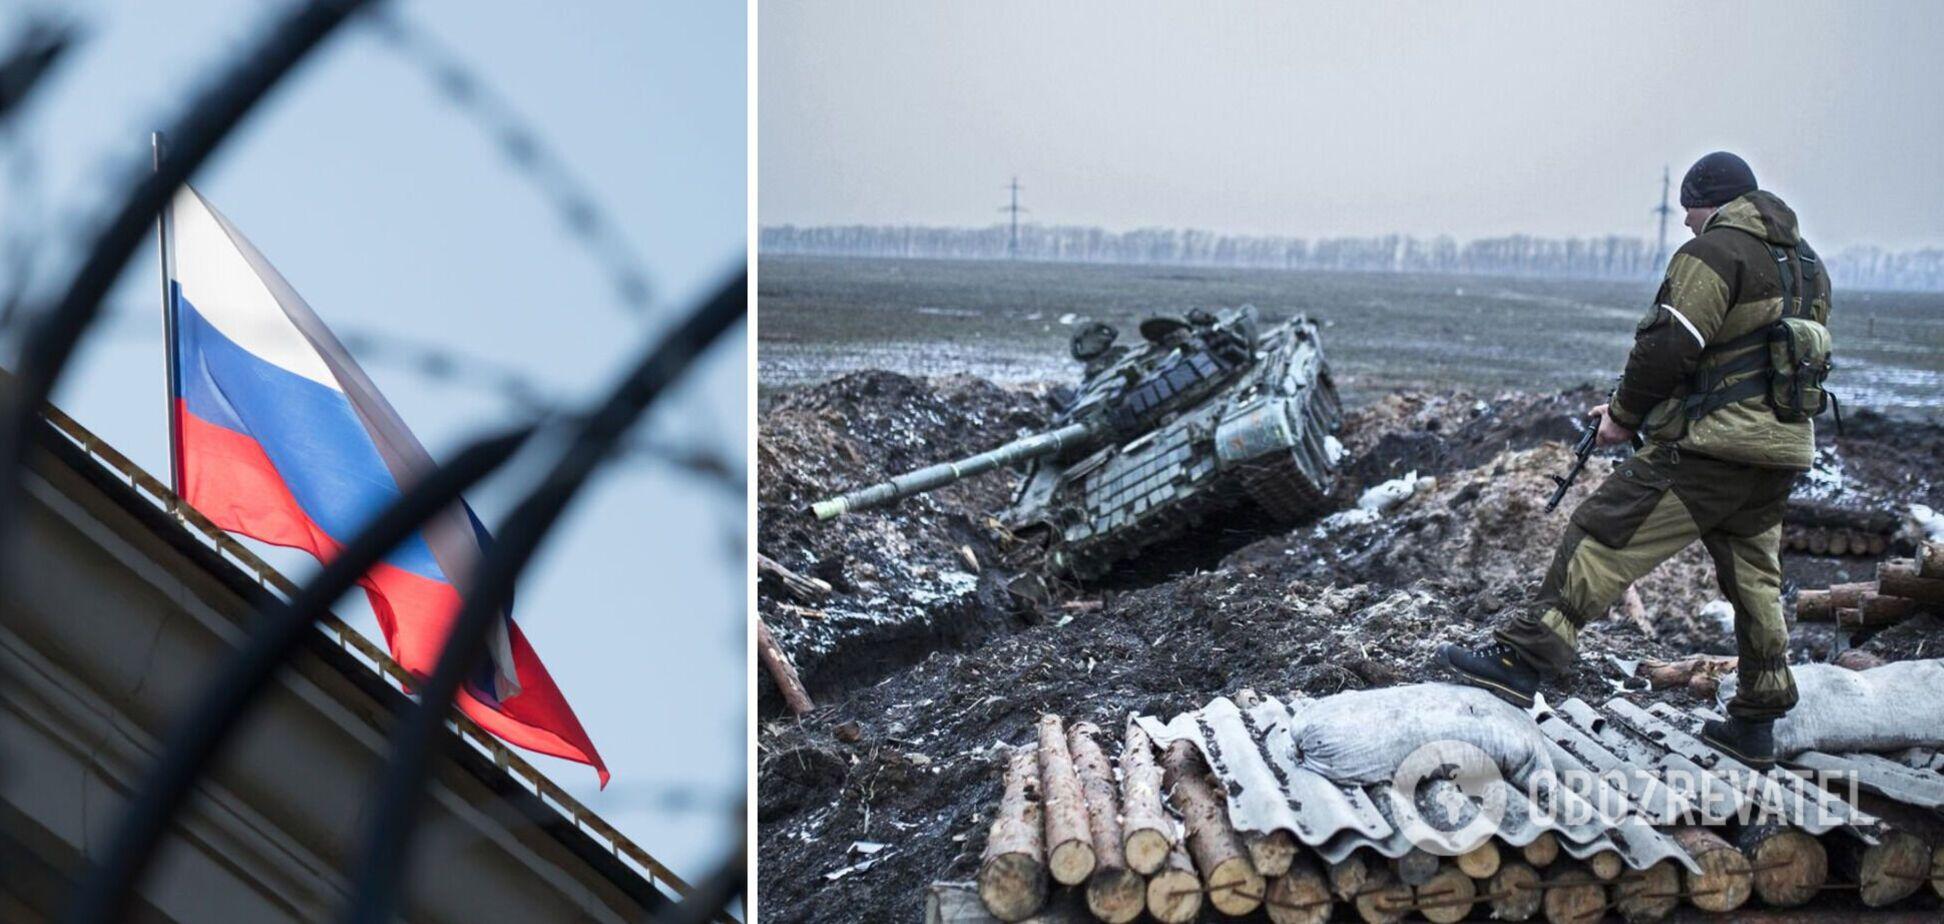 Сотрудники ГРУ РФ участвовали в войне на Донбассе – Bellingcat